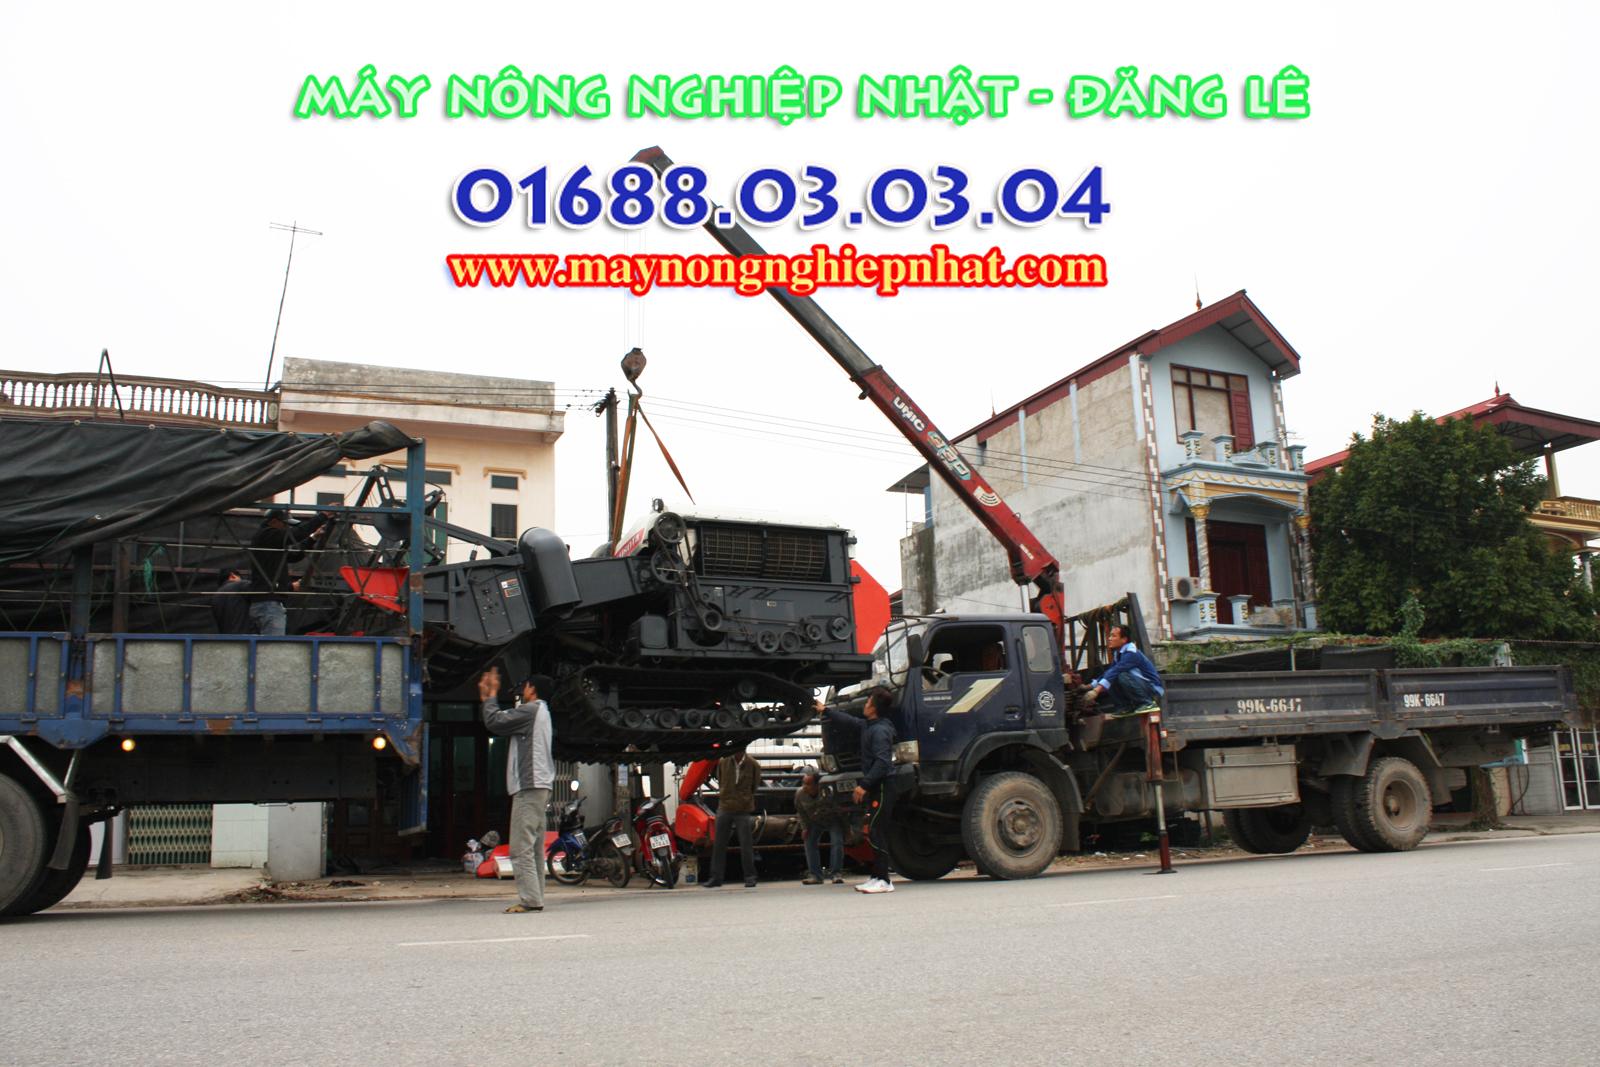 Bán máy gặt kubota dc70 thái lan đi Phú yên hà tây hà nội